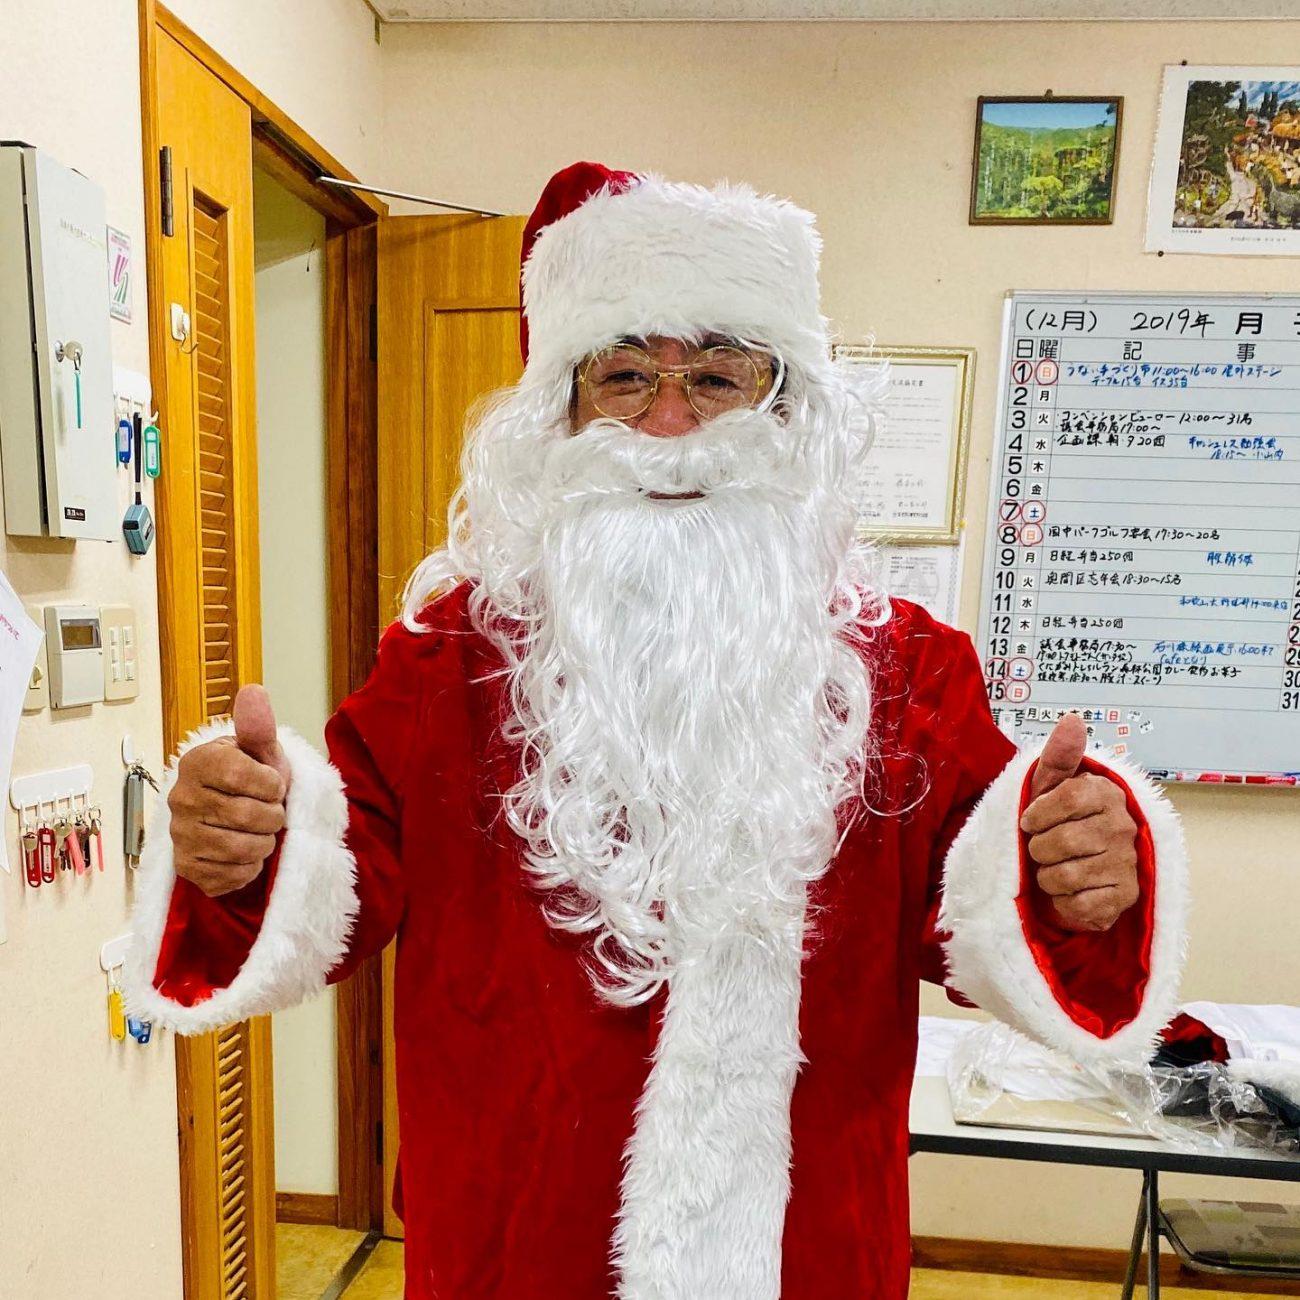 道の駅ゆいゆい国頭のクリスマスイベント サンタがやってくる 平良勇支配人